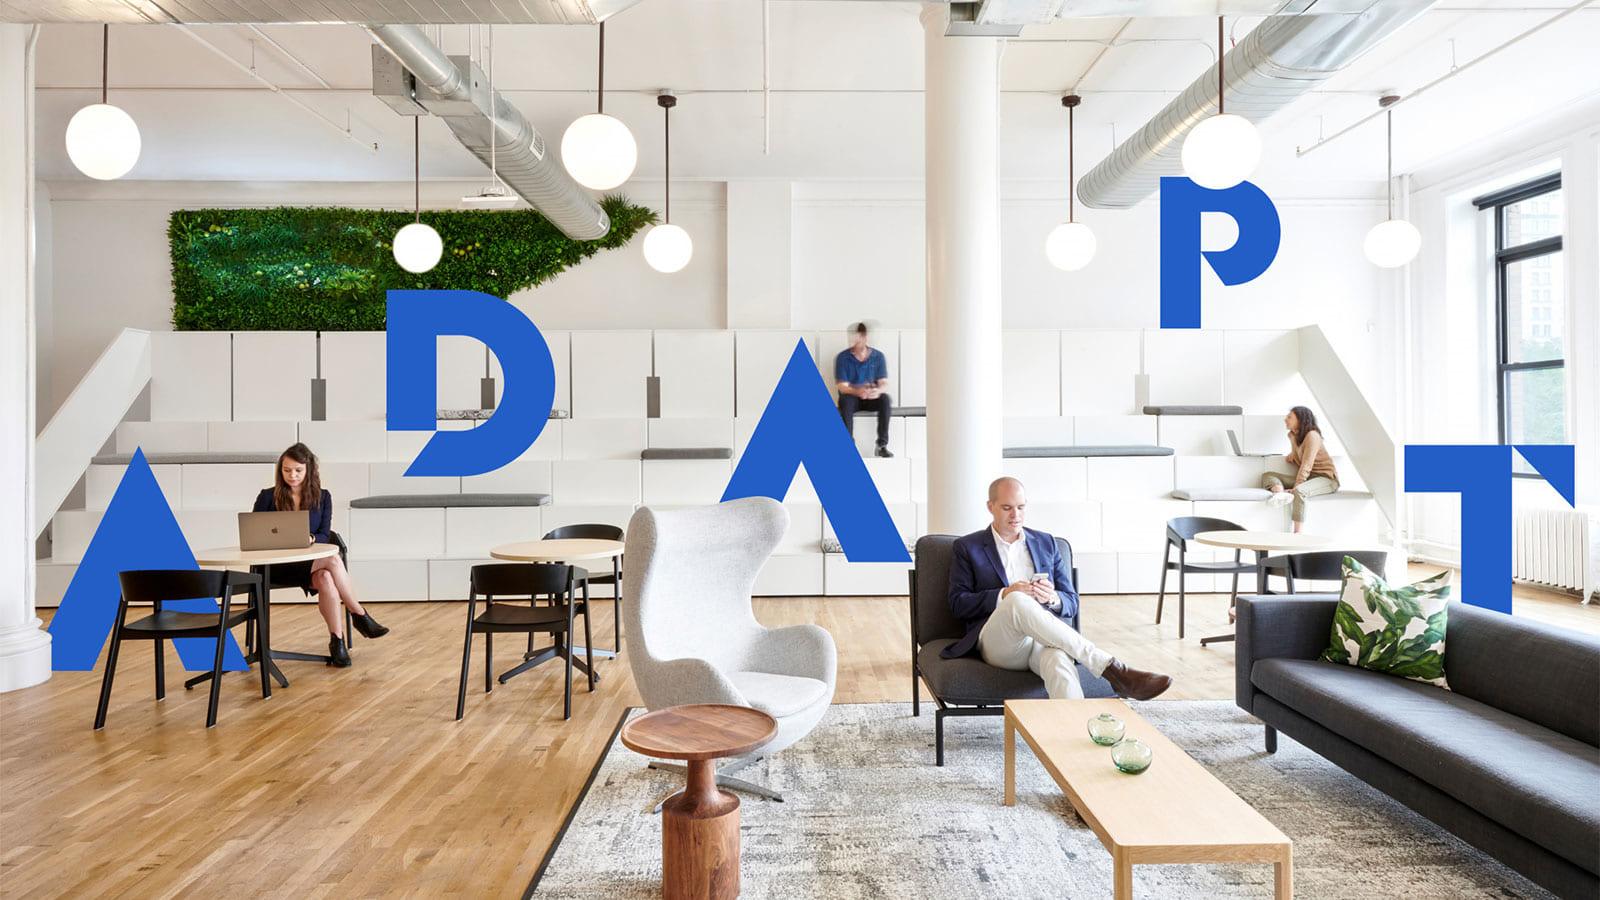 企業のスピードに合わせ進化する快適なオフィススペース。フレキシブル・オフィスを提案するKnotel